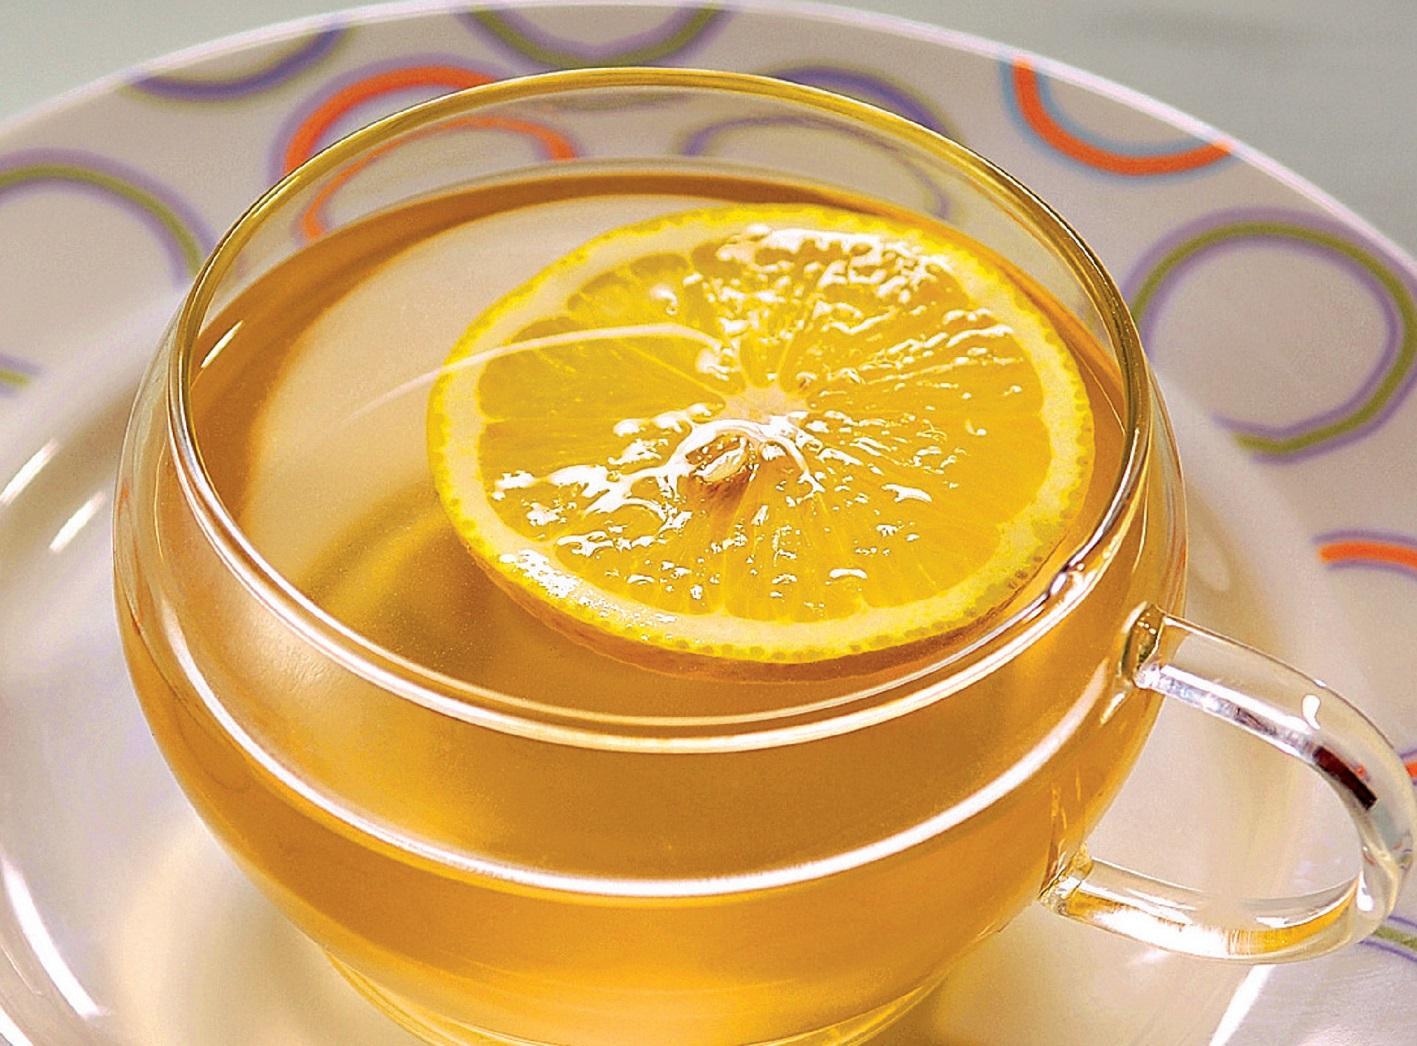 лимонно-имбирный напиок